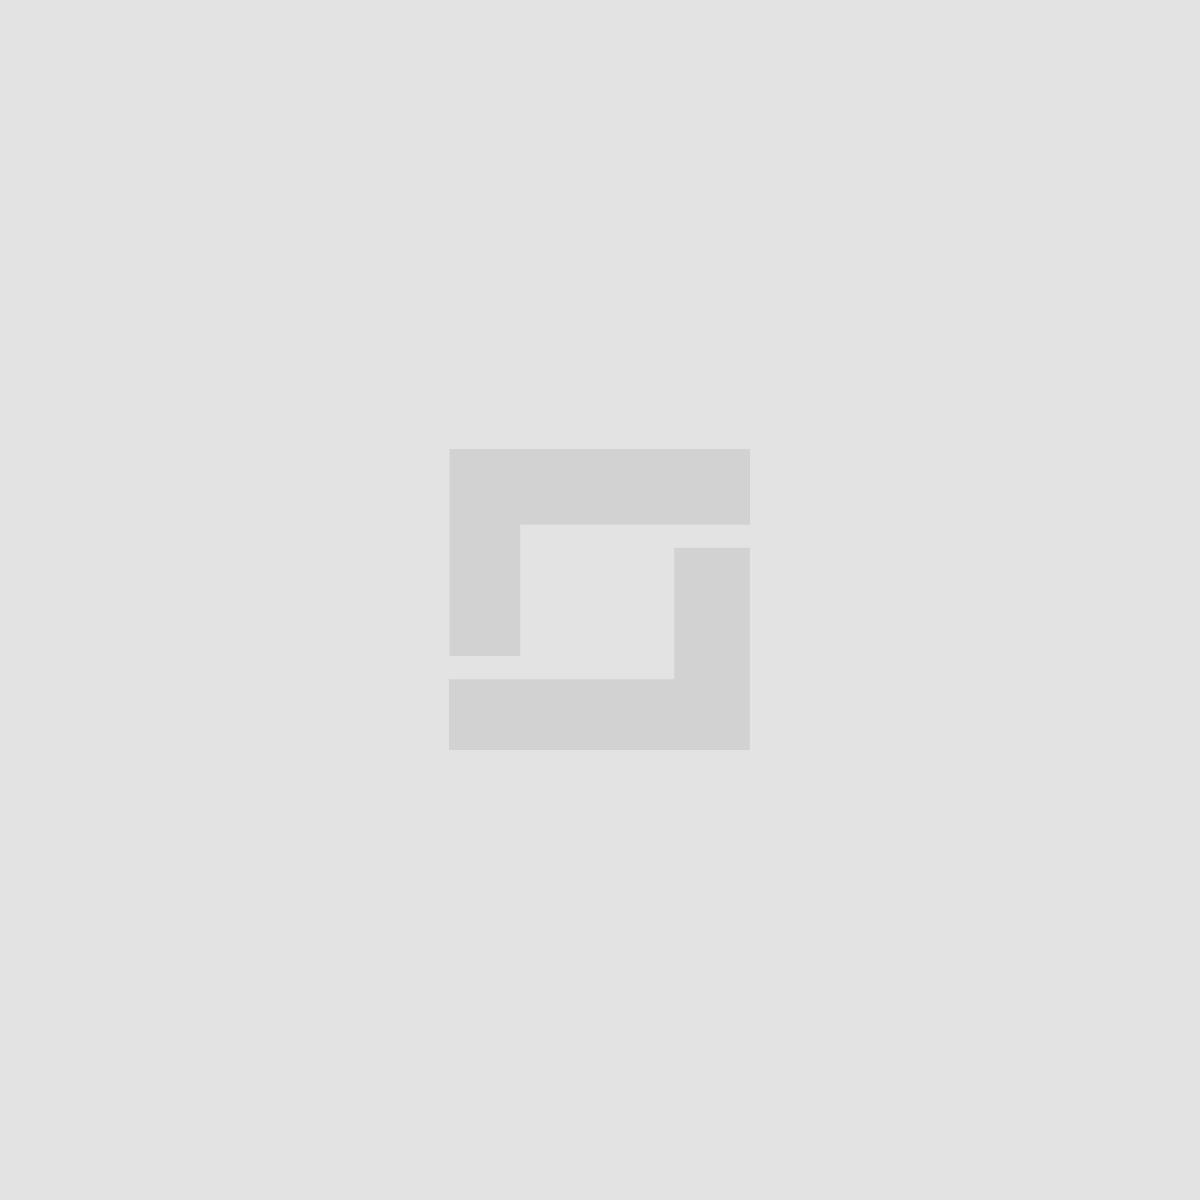 Stone Block Paving & Setts | Block Paving & Setts | Paving